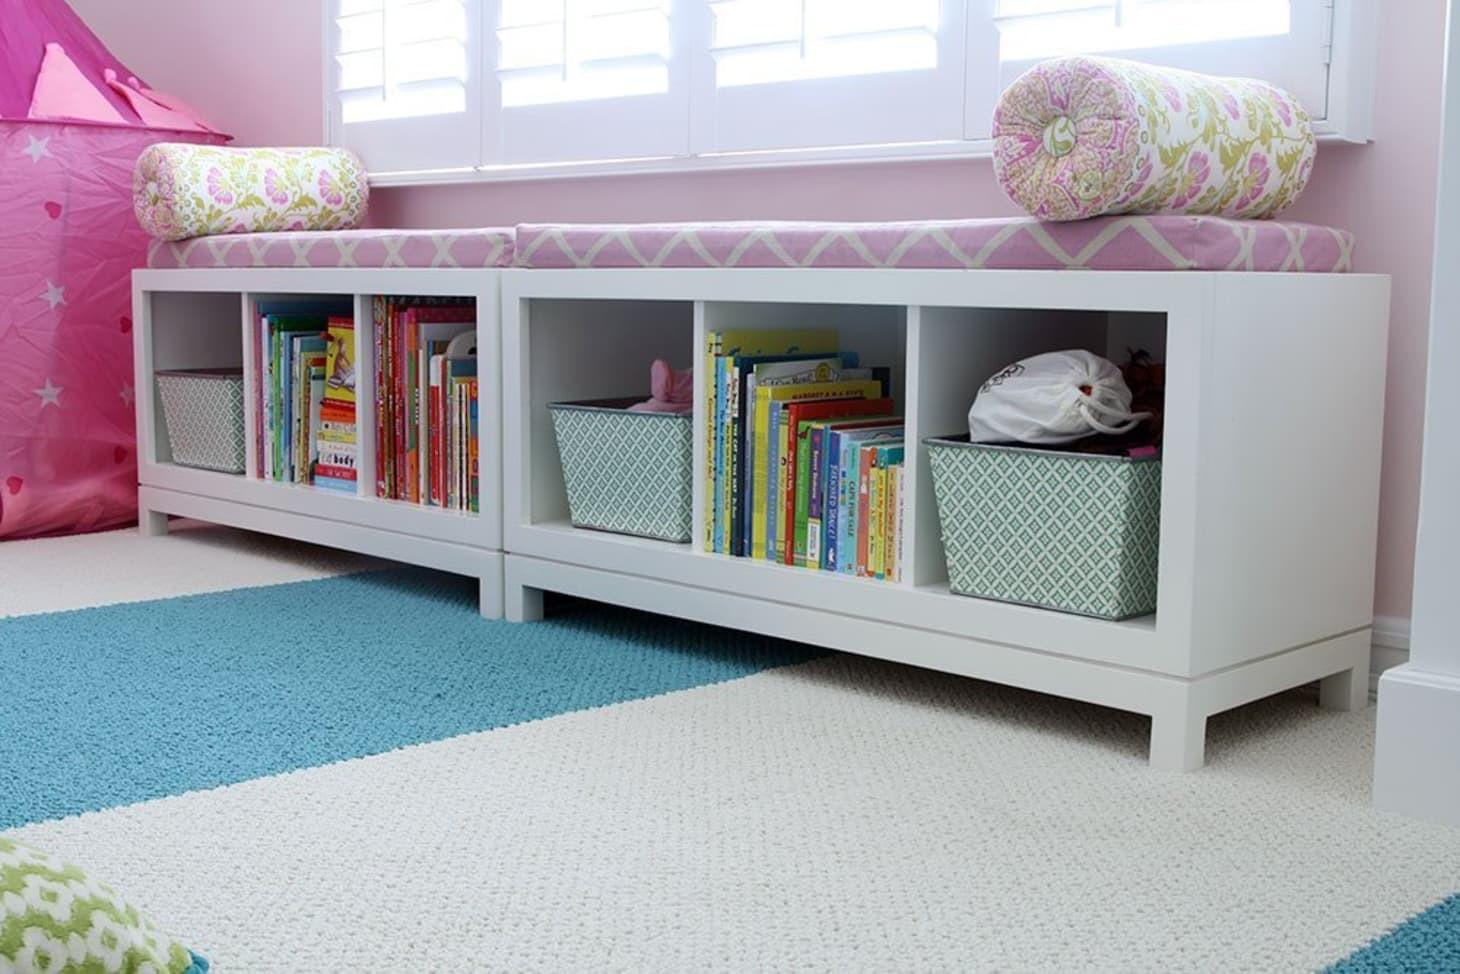 Storage Bench Kids  15 Cute Kids Room Organization & Storage Ideas Storing